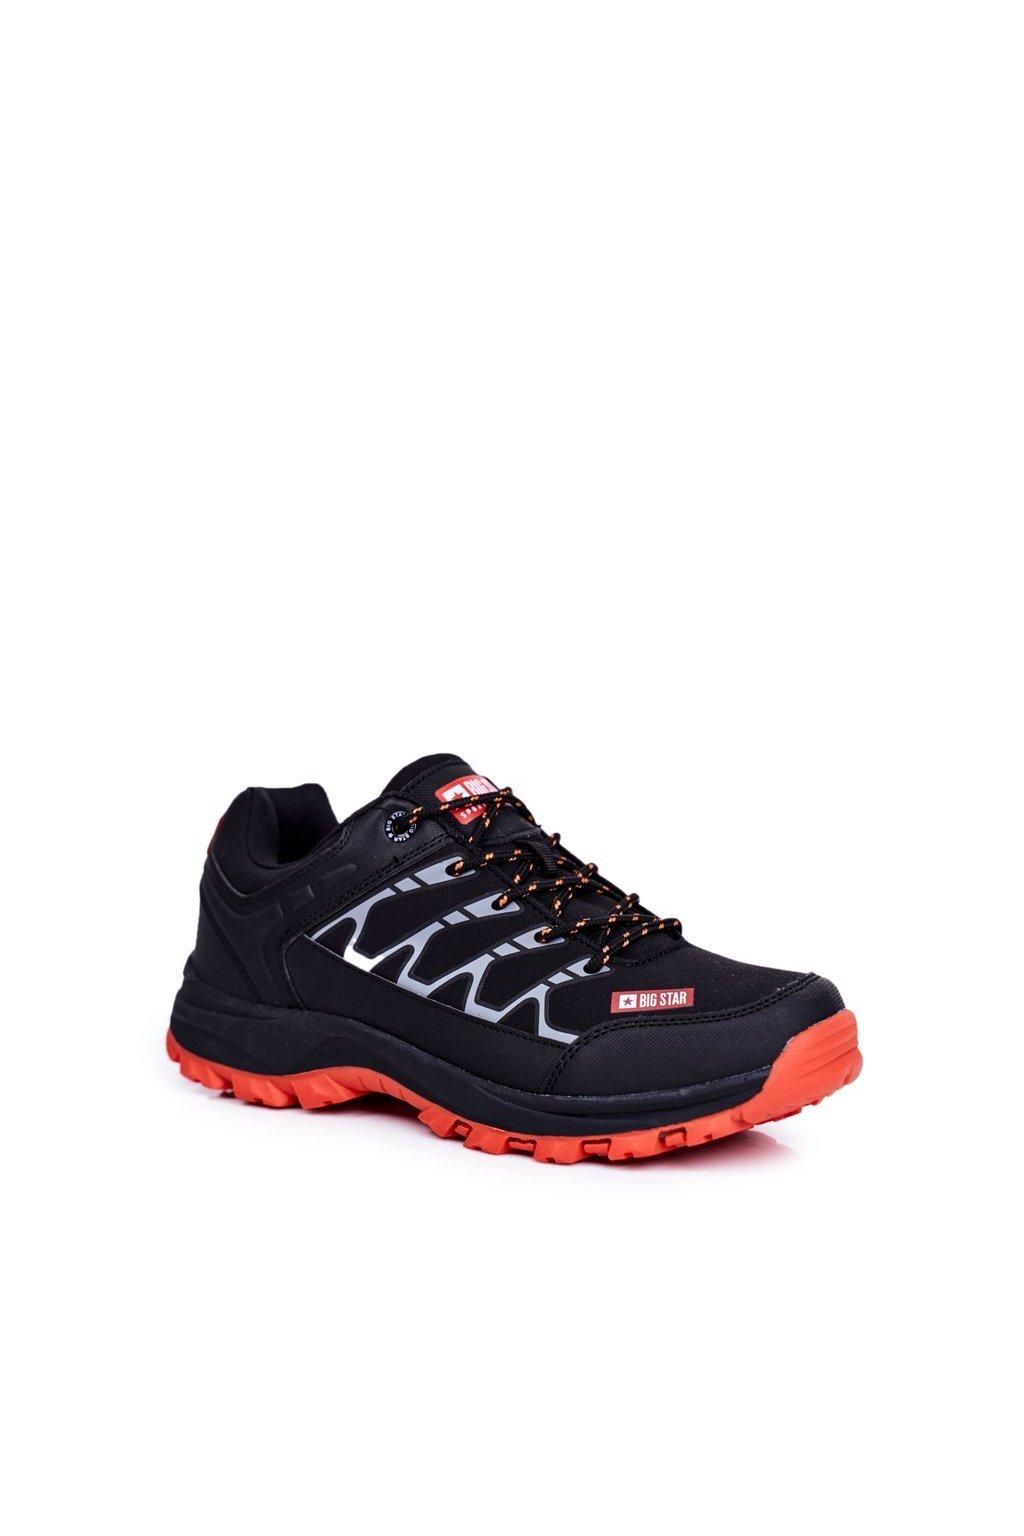 Pánske trekingové topánky farba čierna kód obuvi GG174560 BLK